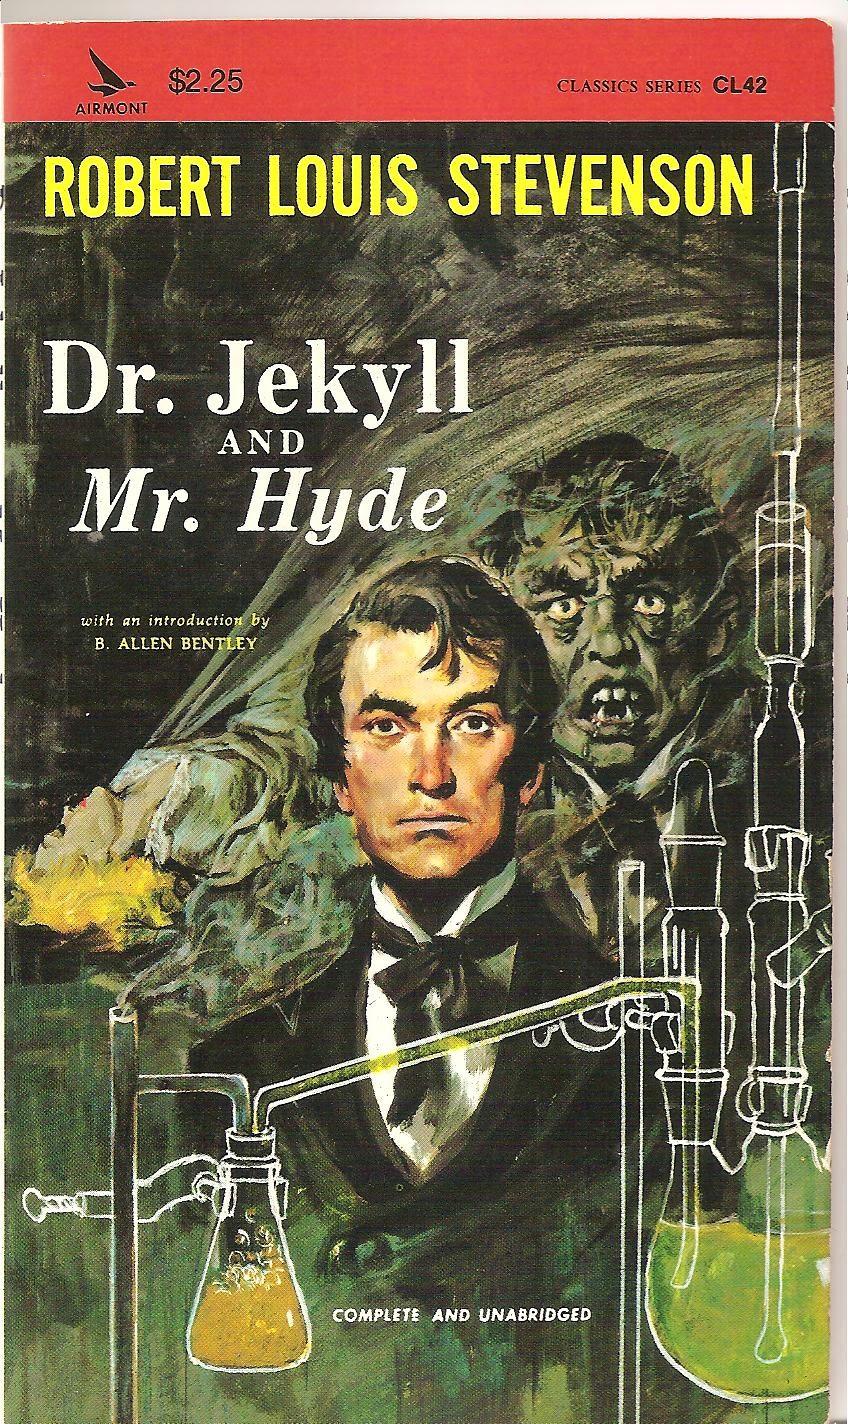 http://nuestraslecturasdotcom.files.wordpress.com/2013/03/robert_louis_stevenson_-_el_extra_o_caso_del_dr-_jekyll_y_mr-_hyde.pdf